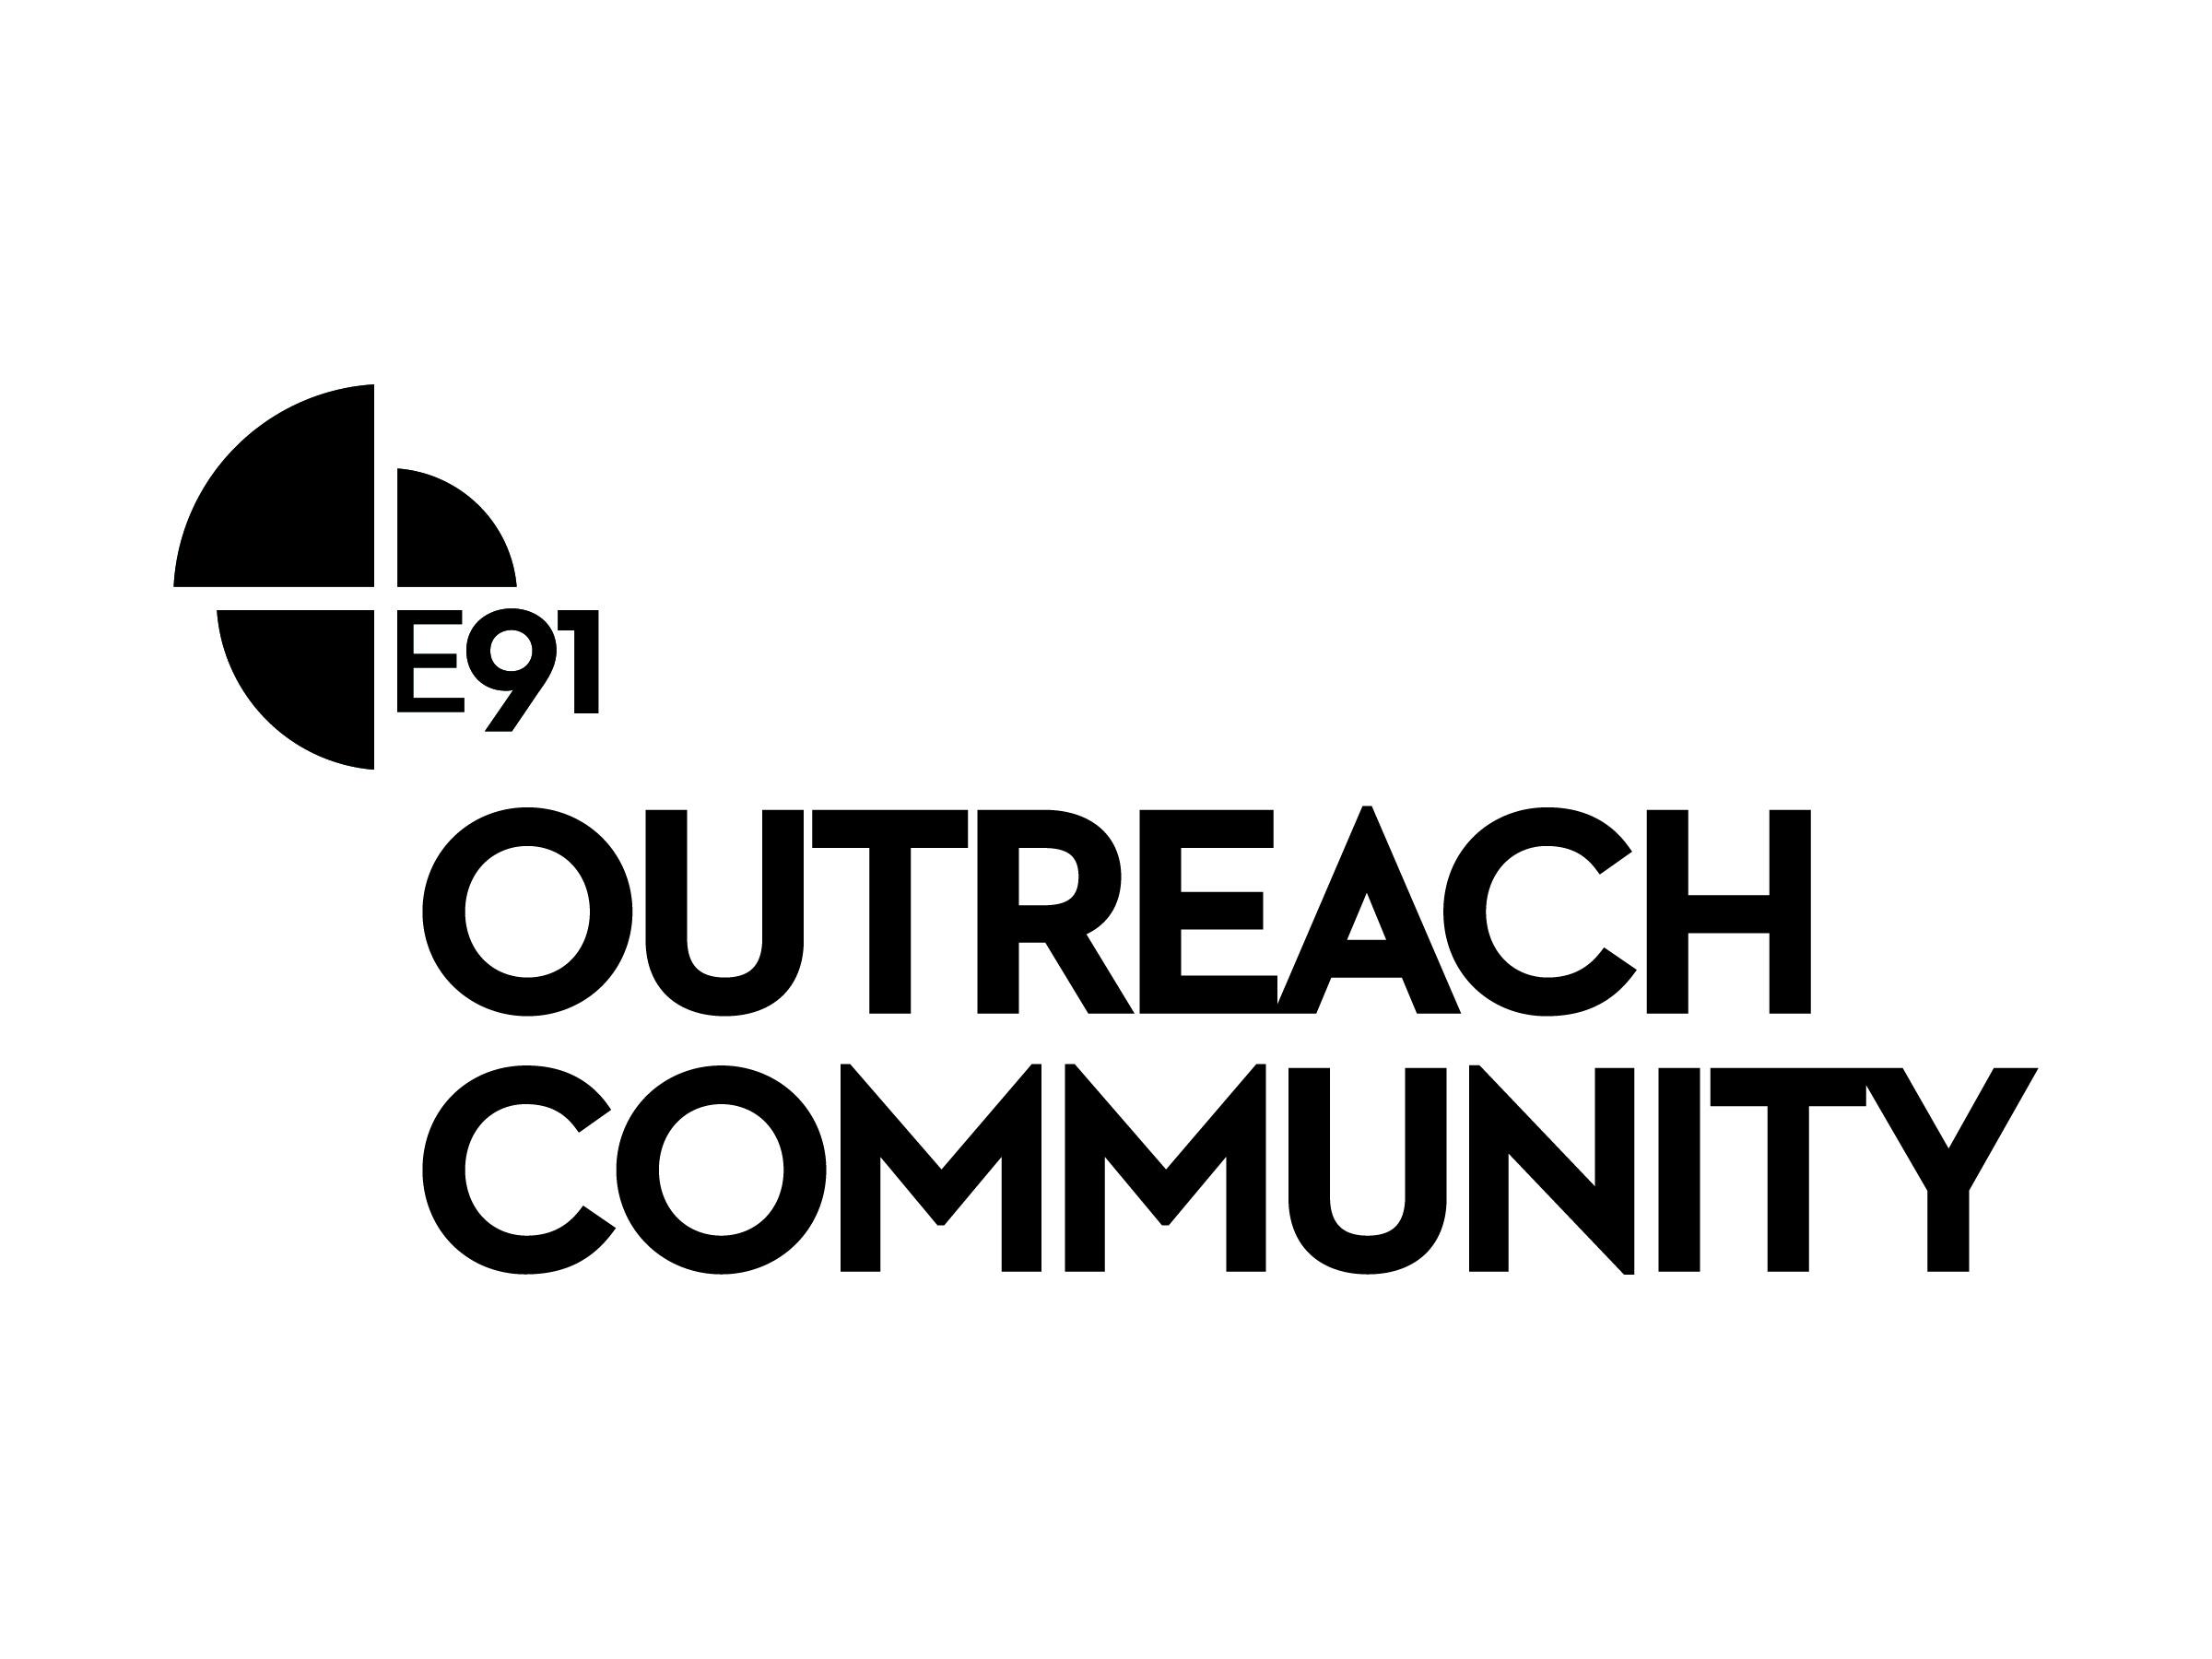 E91 outreachcommunity logo print black